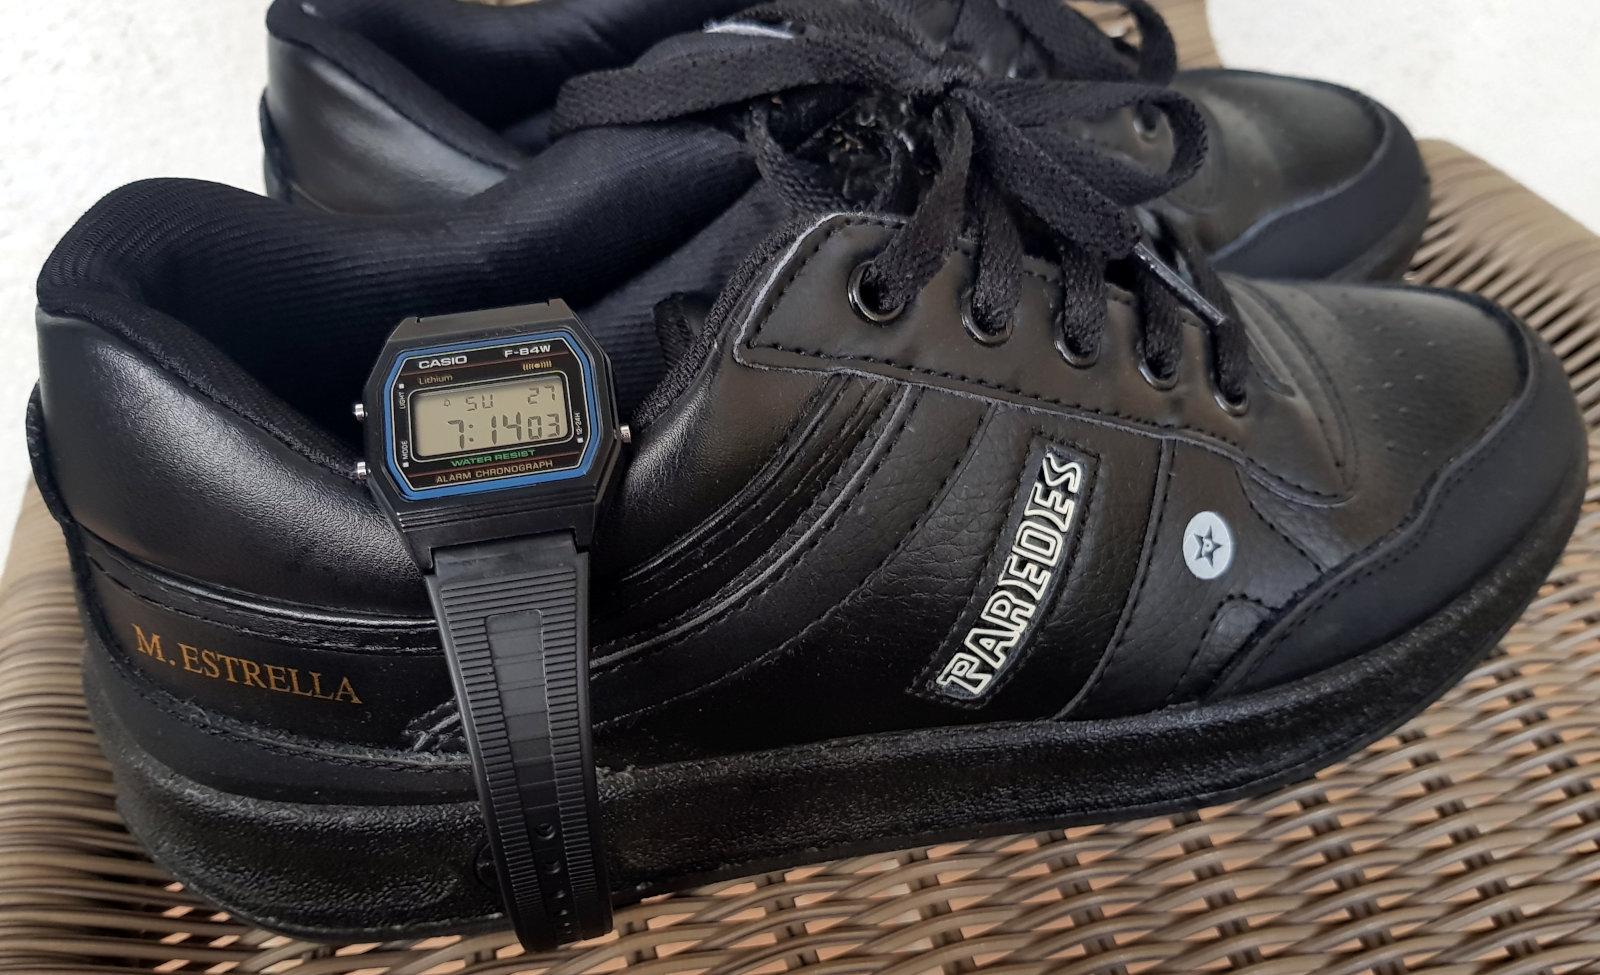 Relojes y calzado - Página 2 Paredes_casio